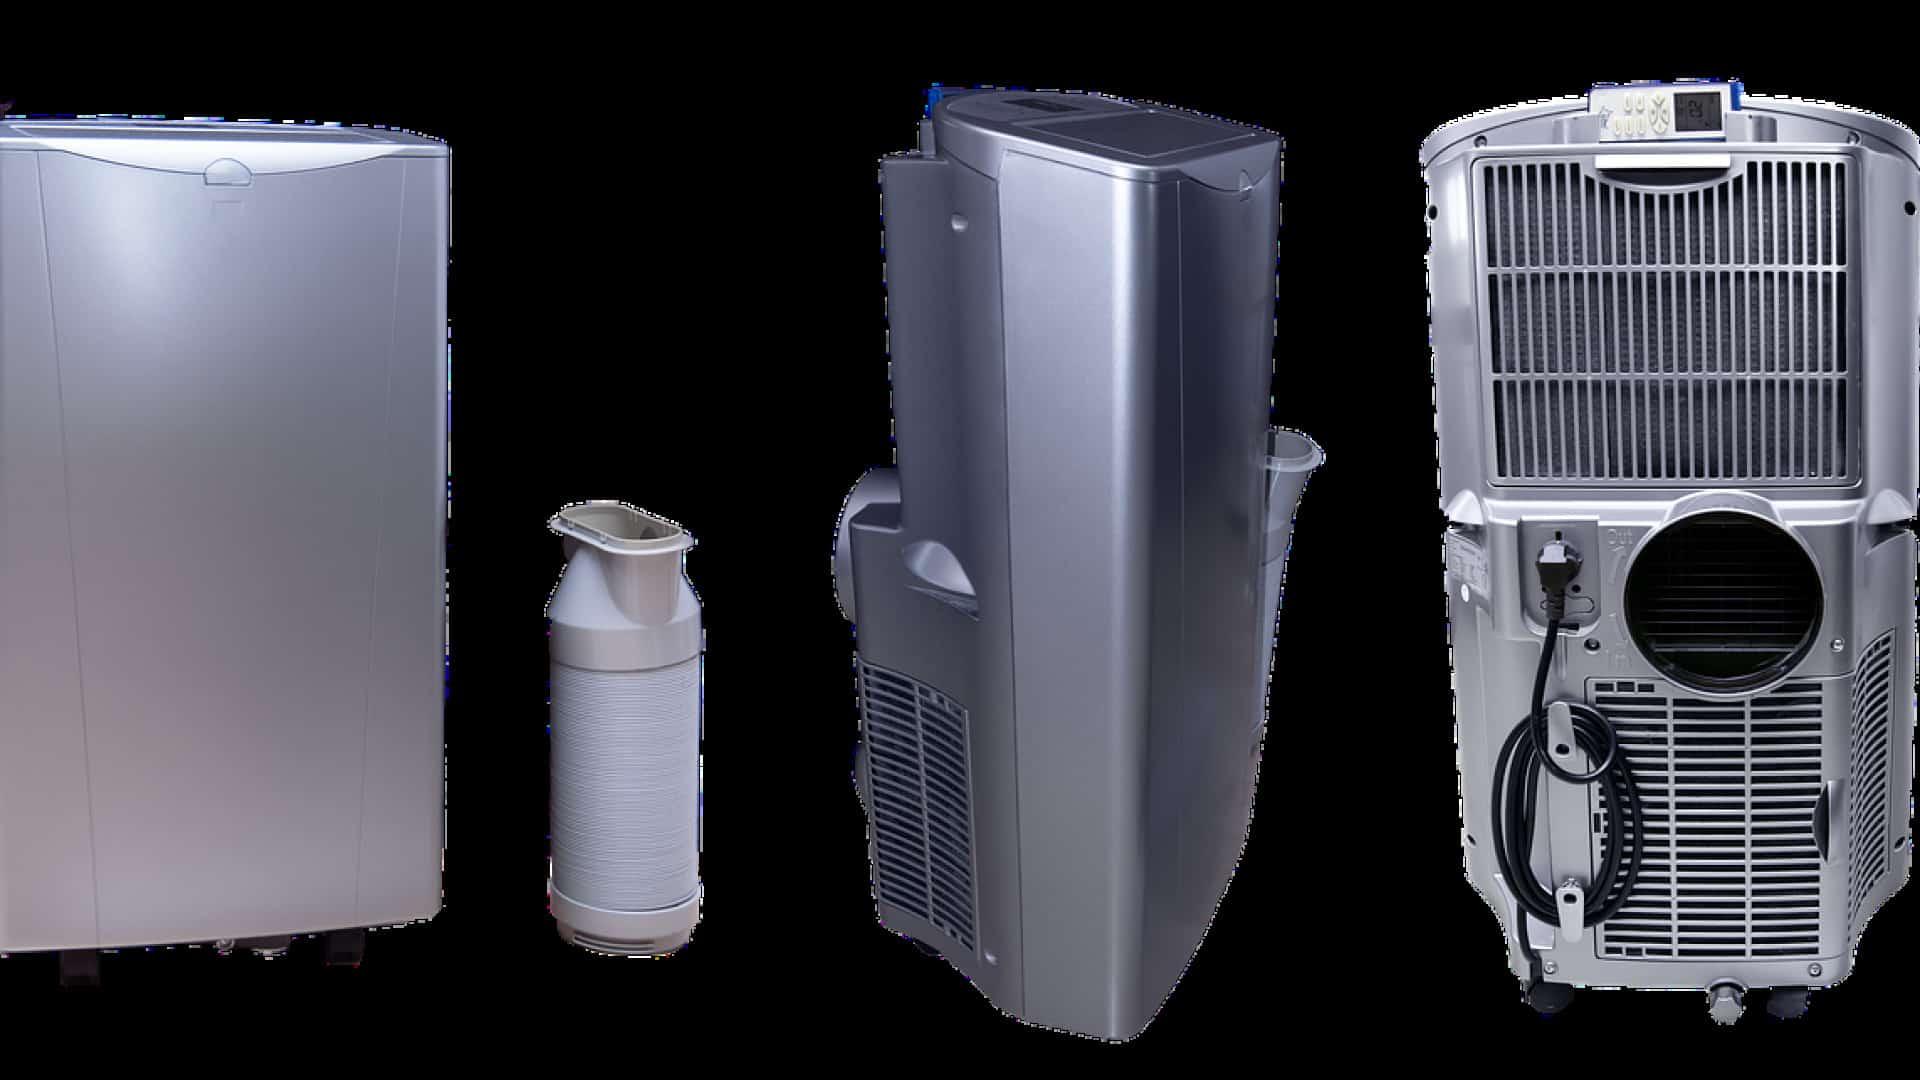 Que devez-vous vérifier pour choisir votre climatiseur ?